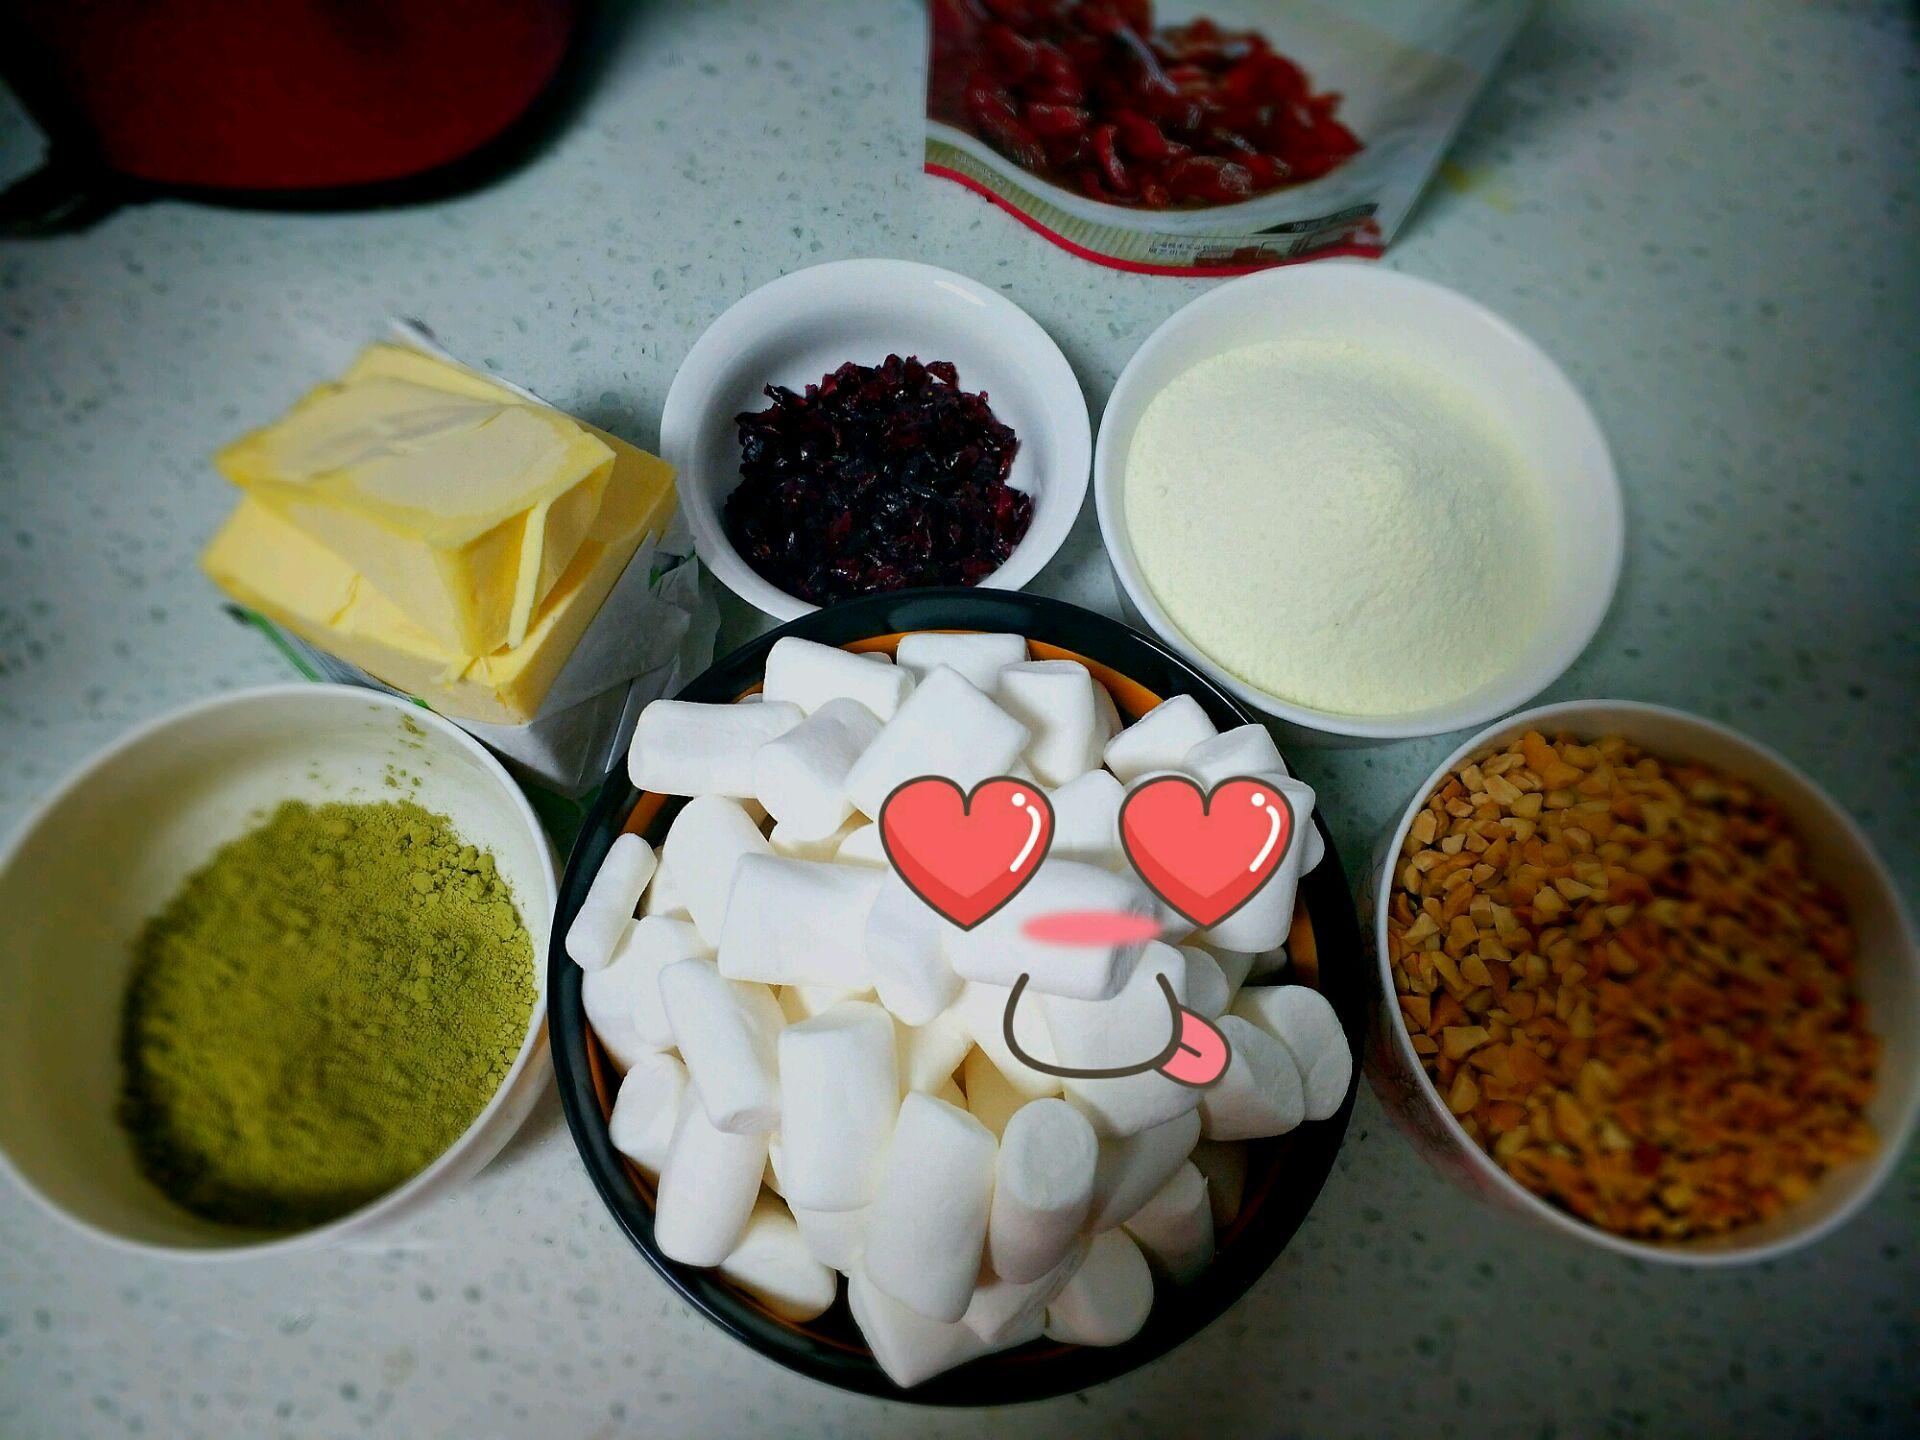 手工抹茶牛轧糖的做法步骤